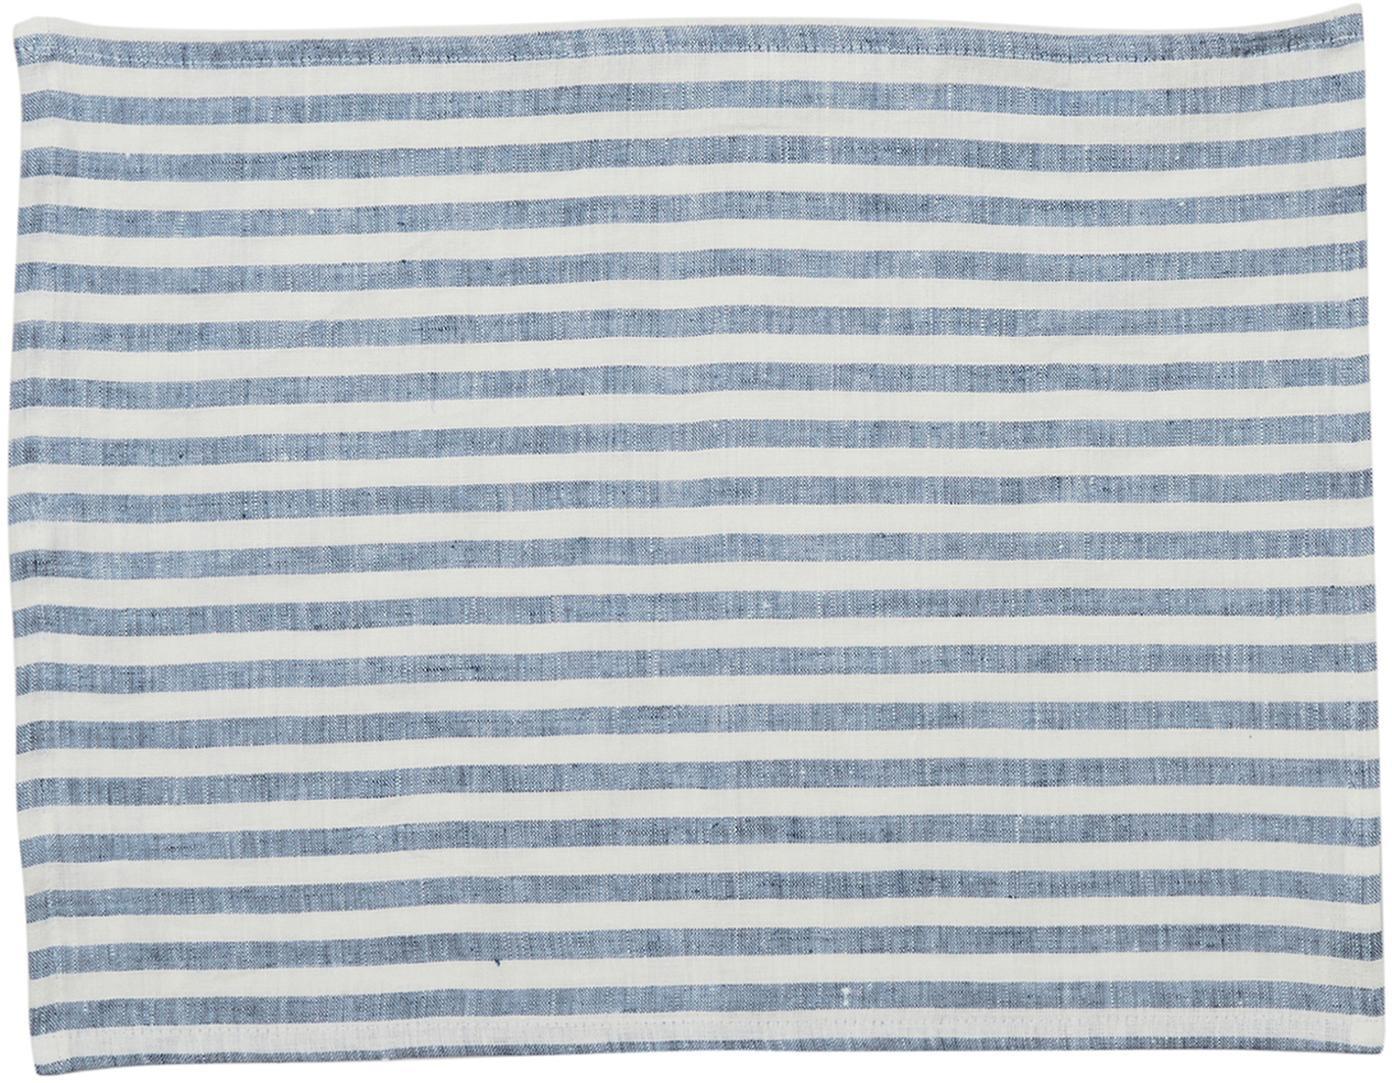 Leinen -Tischsets Solami, 2 Stück, Leinen, Hellblau, Weiß, 35 x 45 cm